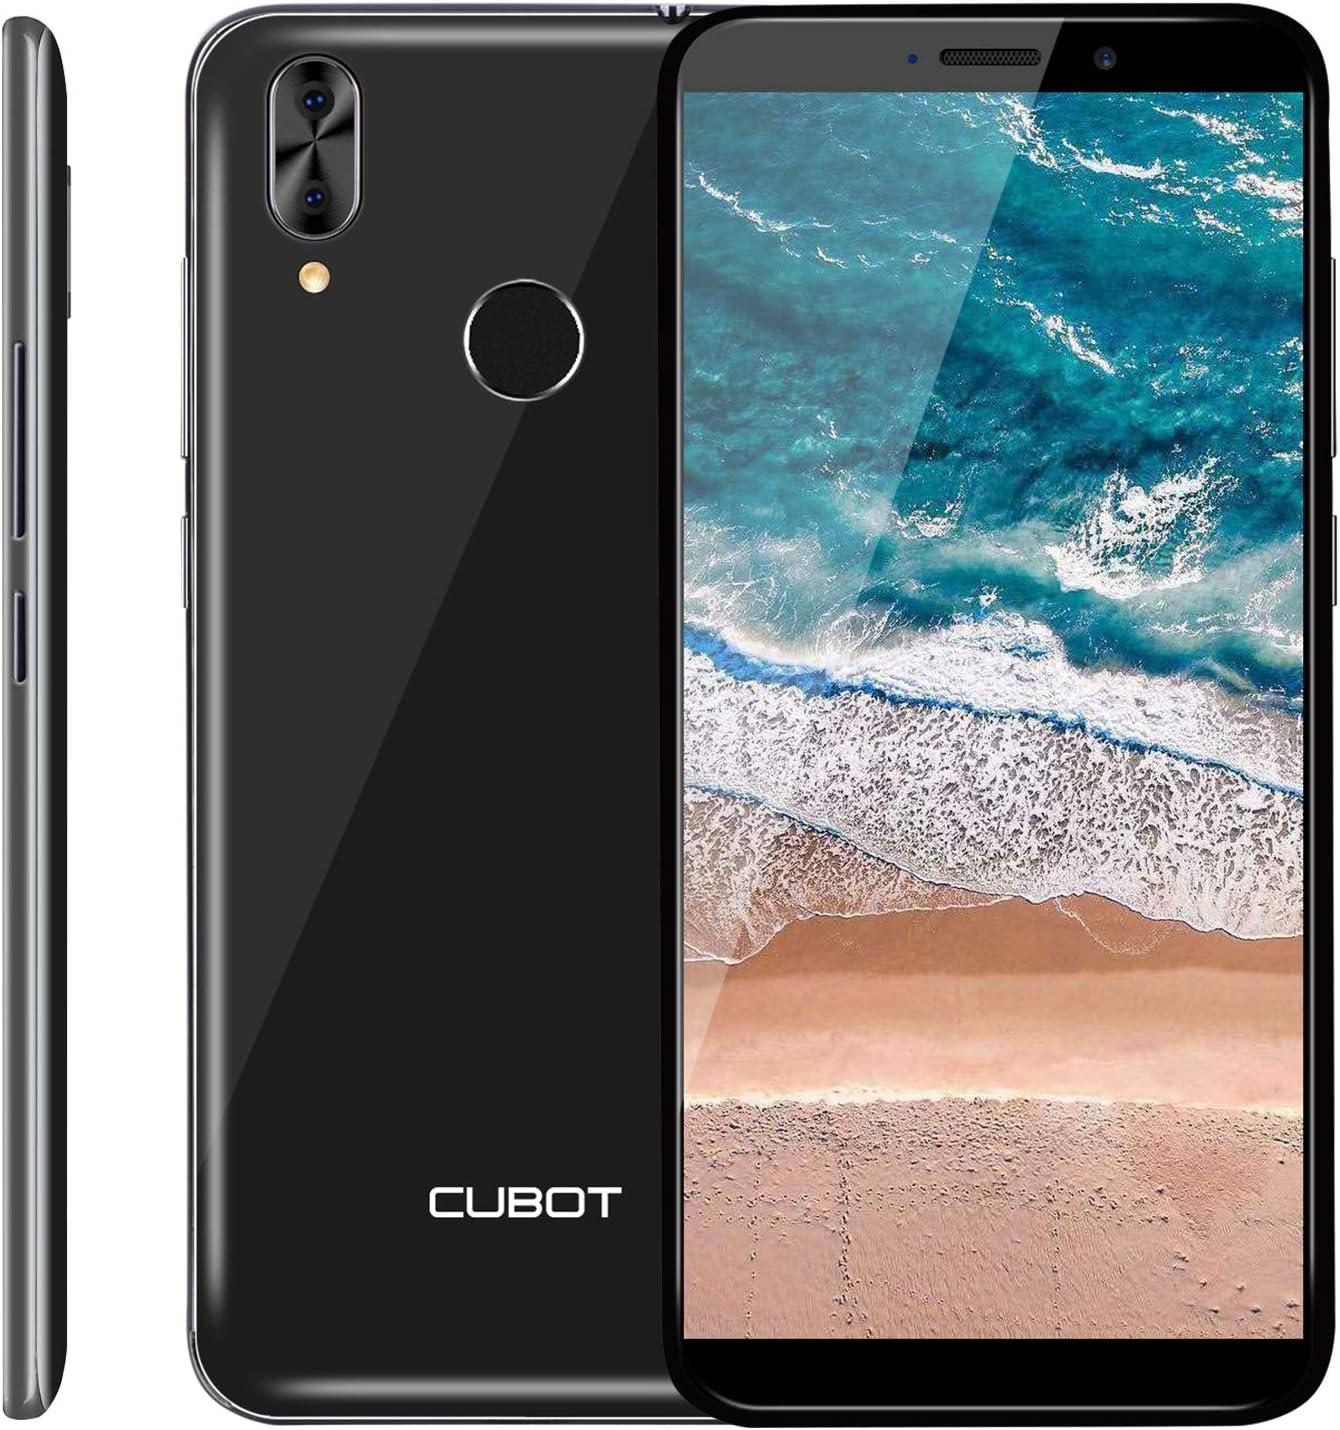 CUBOT J7 - Smartphone: Amazon.es: Electrónica